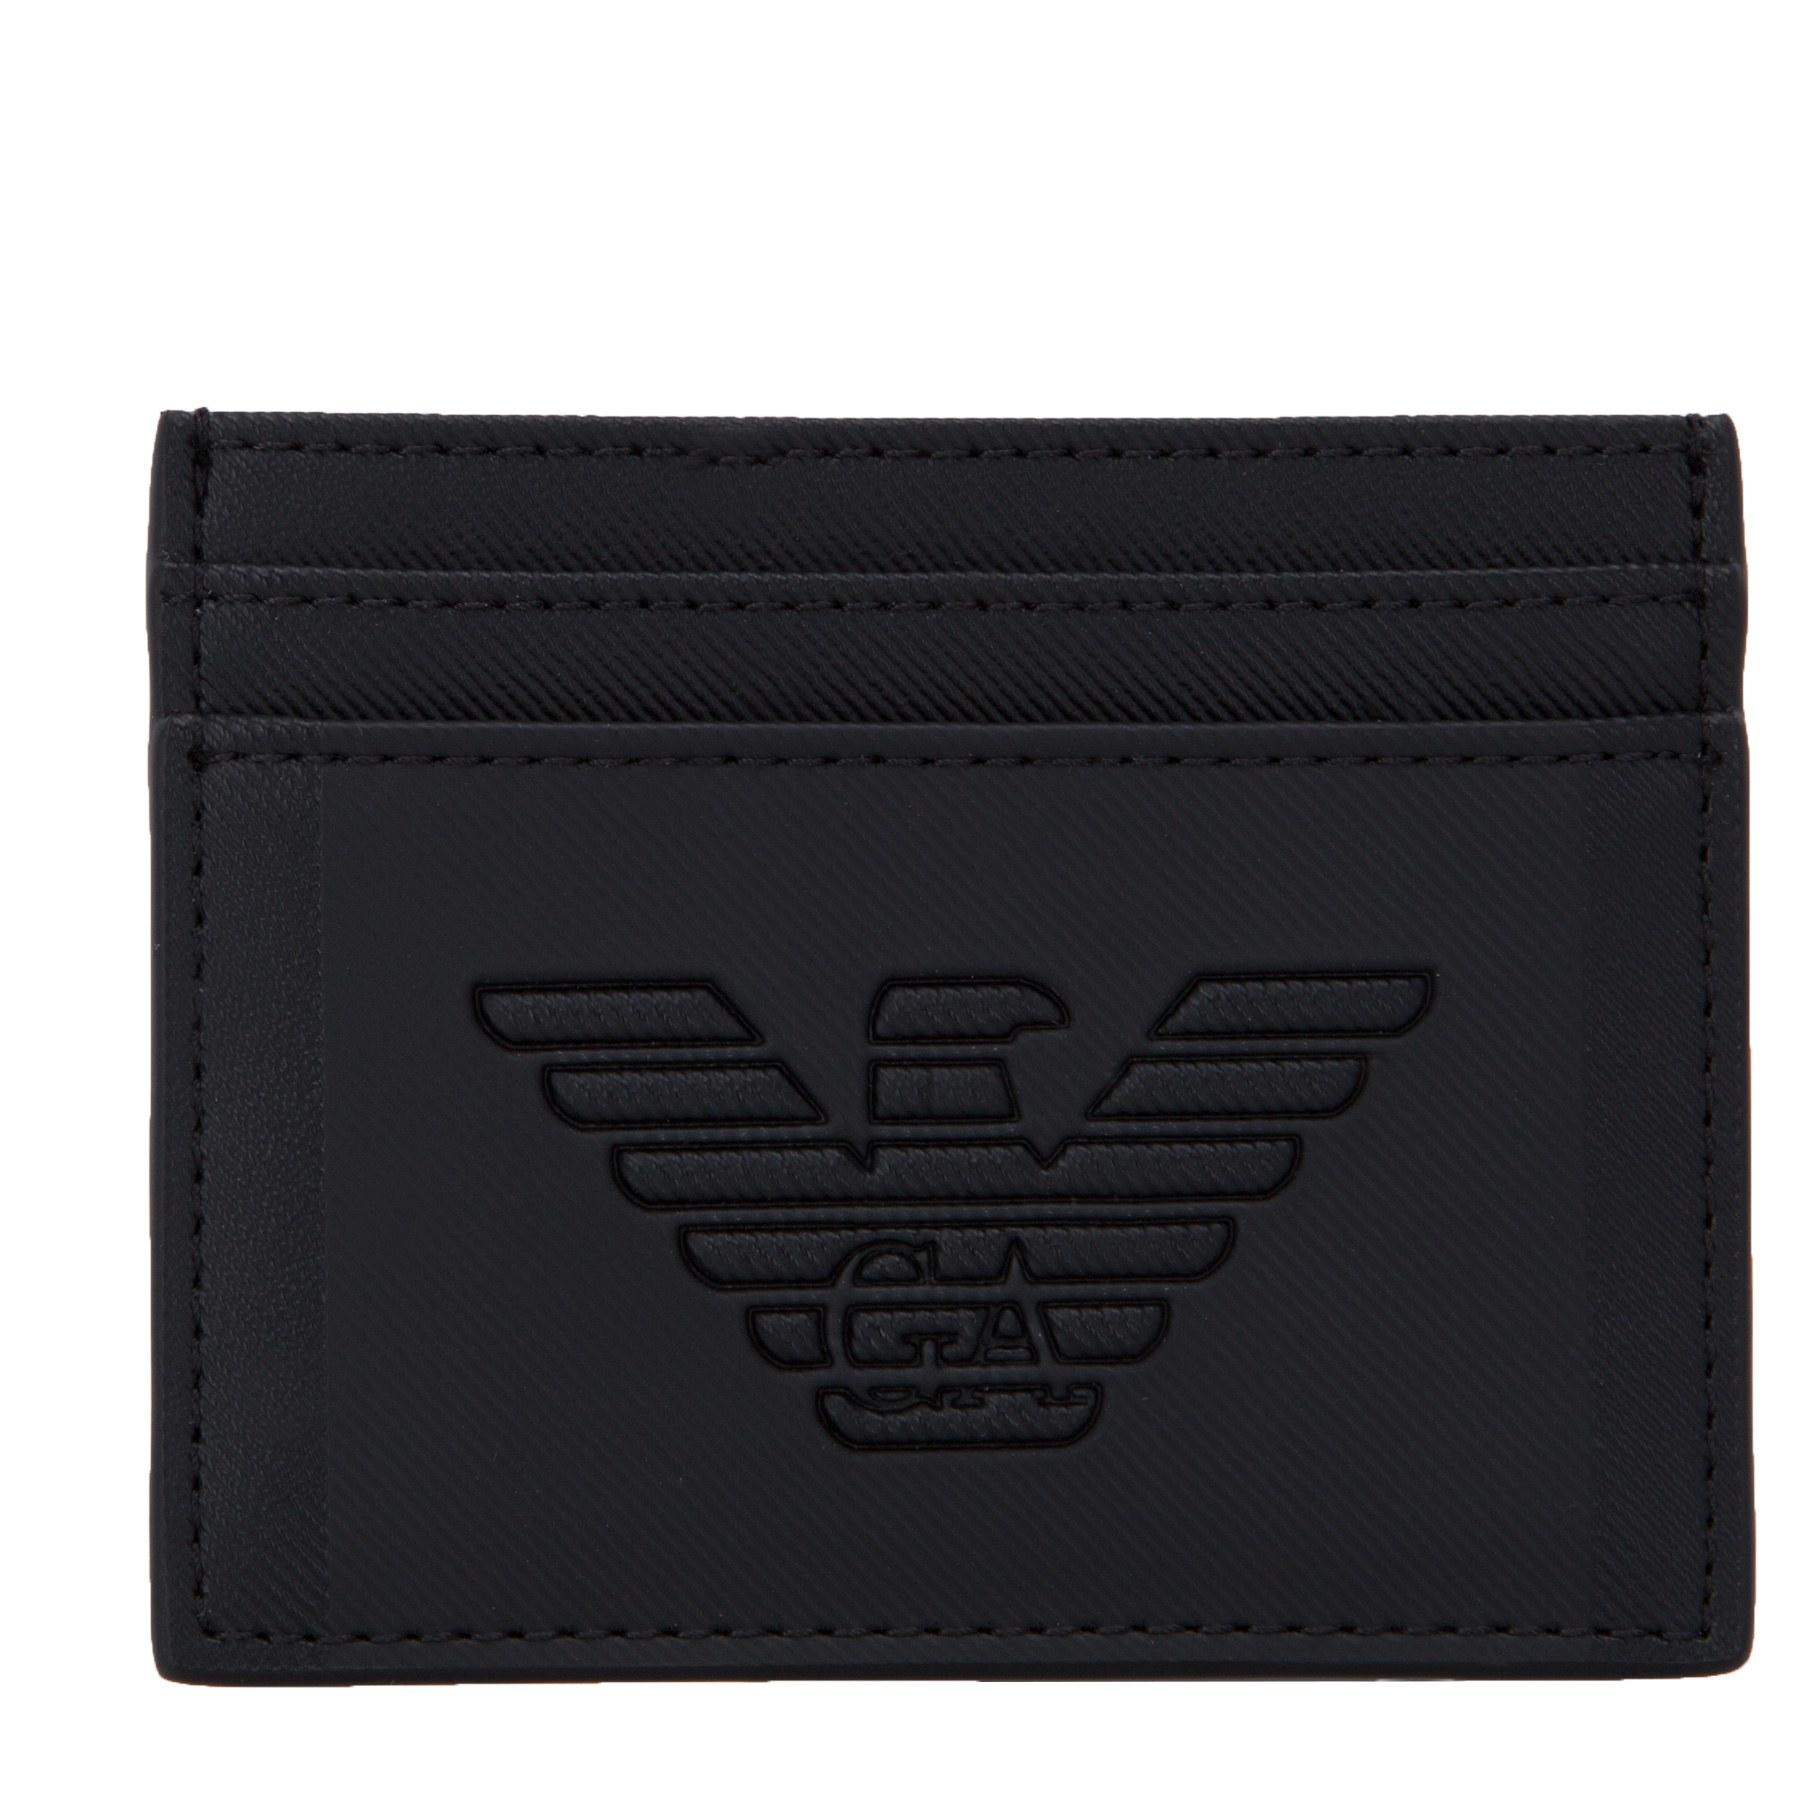 Emporio Armani Logo Baskılı Erkek Kartlık Y4R125 YFE6J 81072 SİYAH